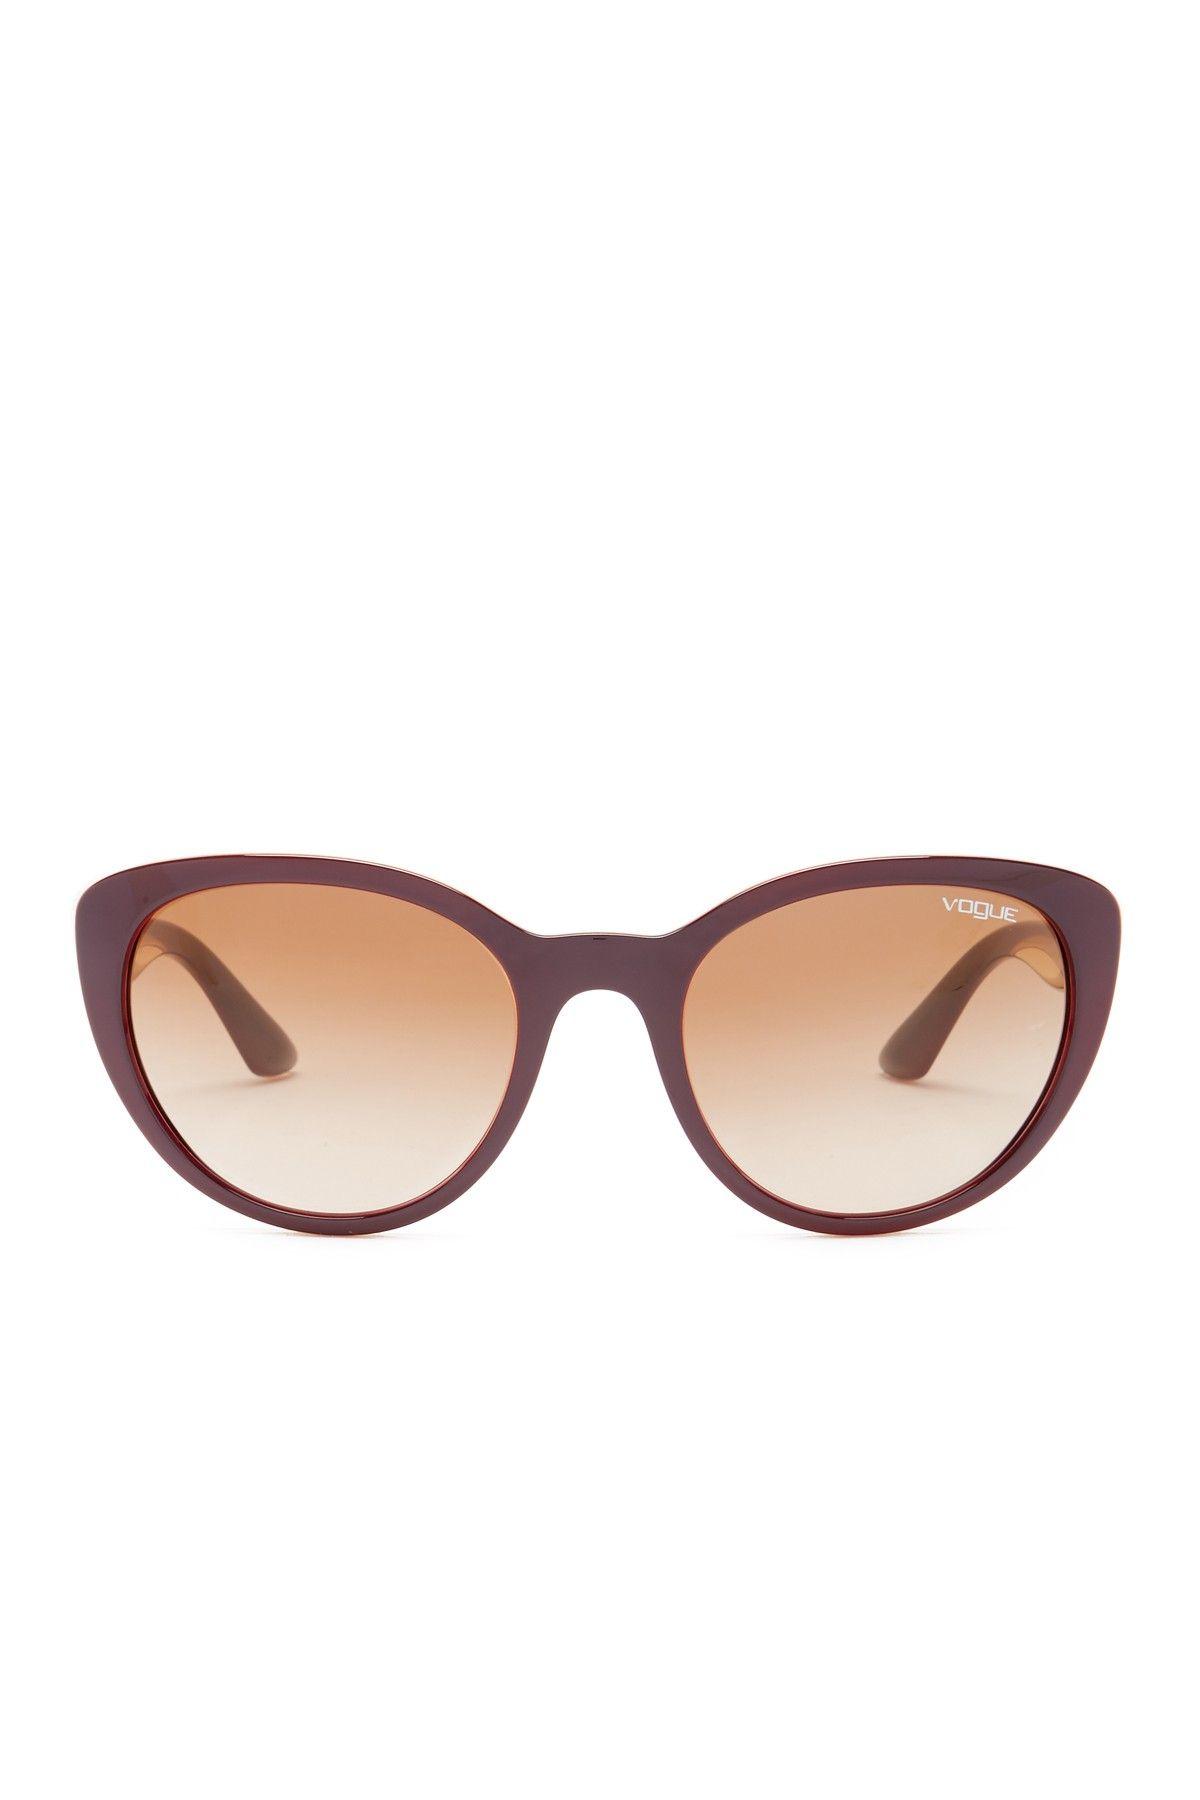 Women's Plastic Frame Sunglasses